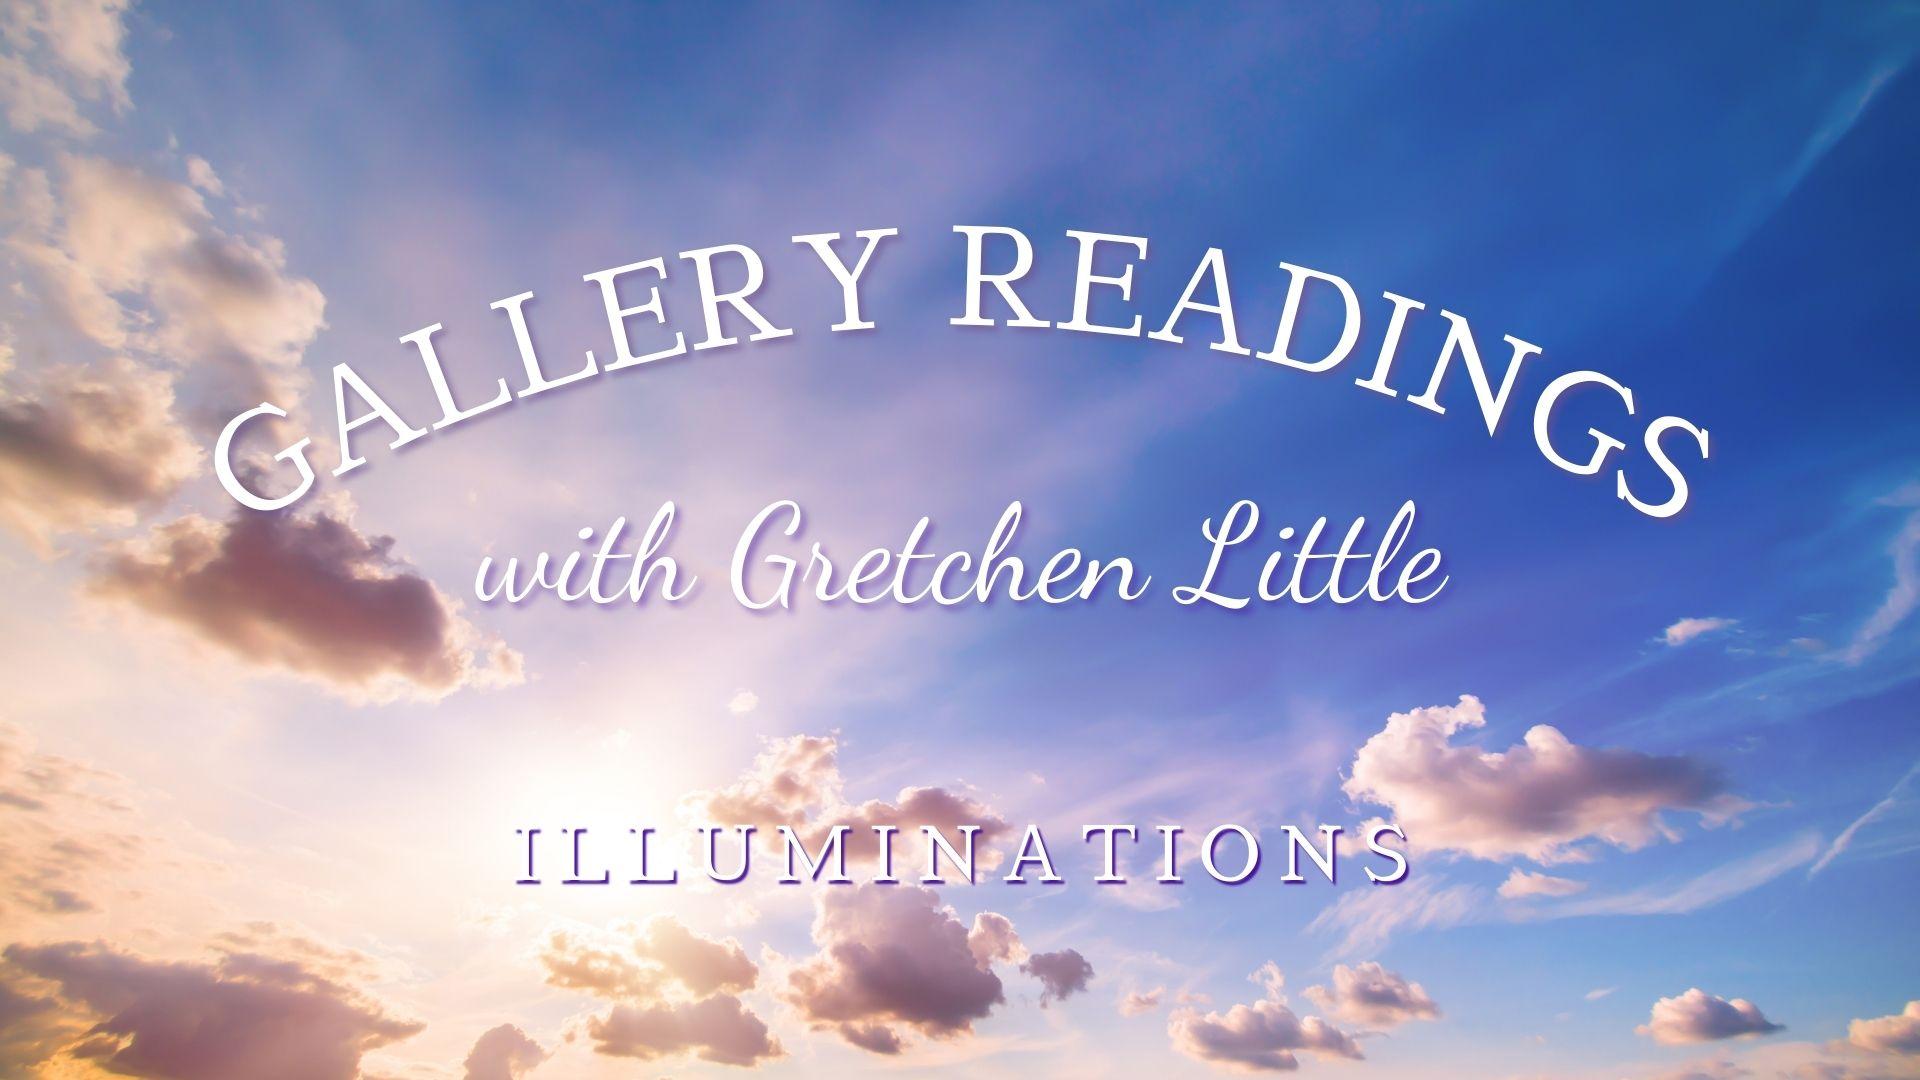 Gallery Readings